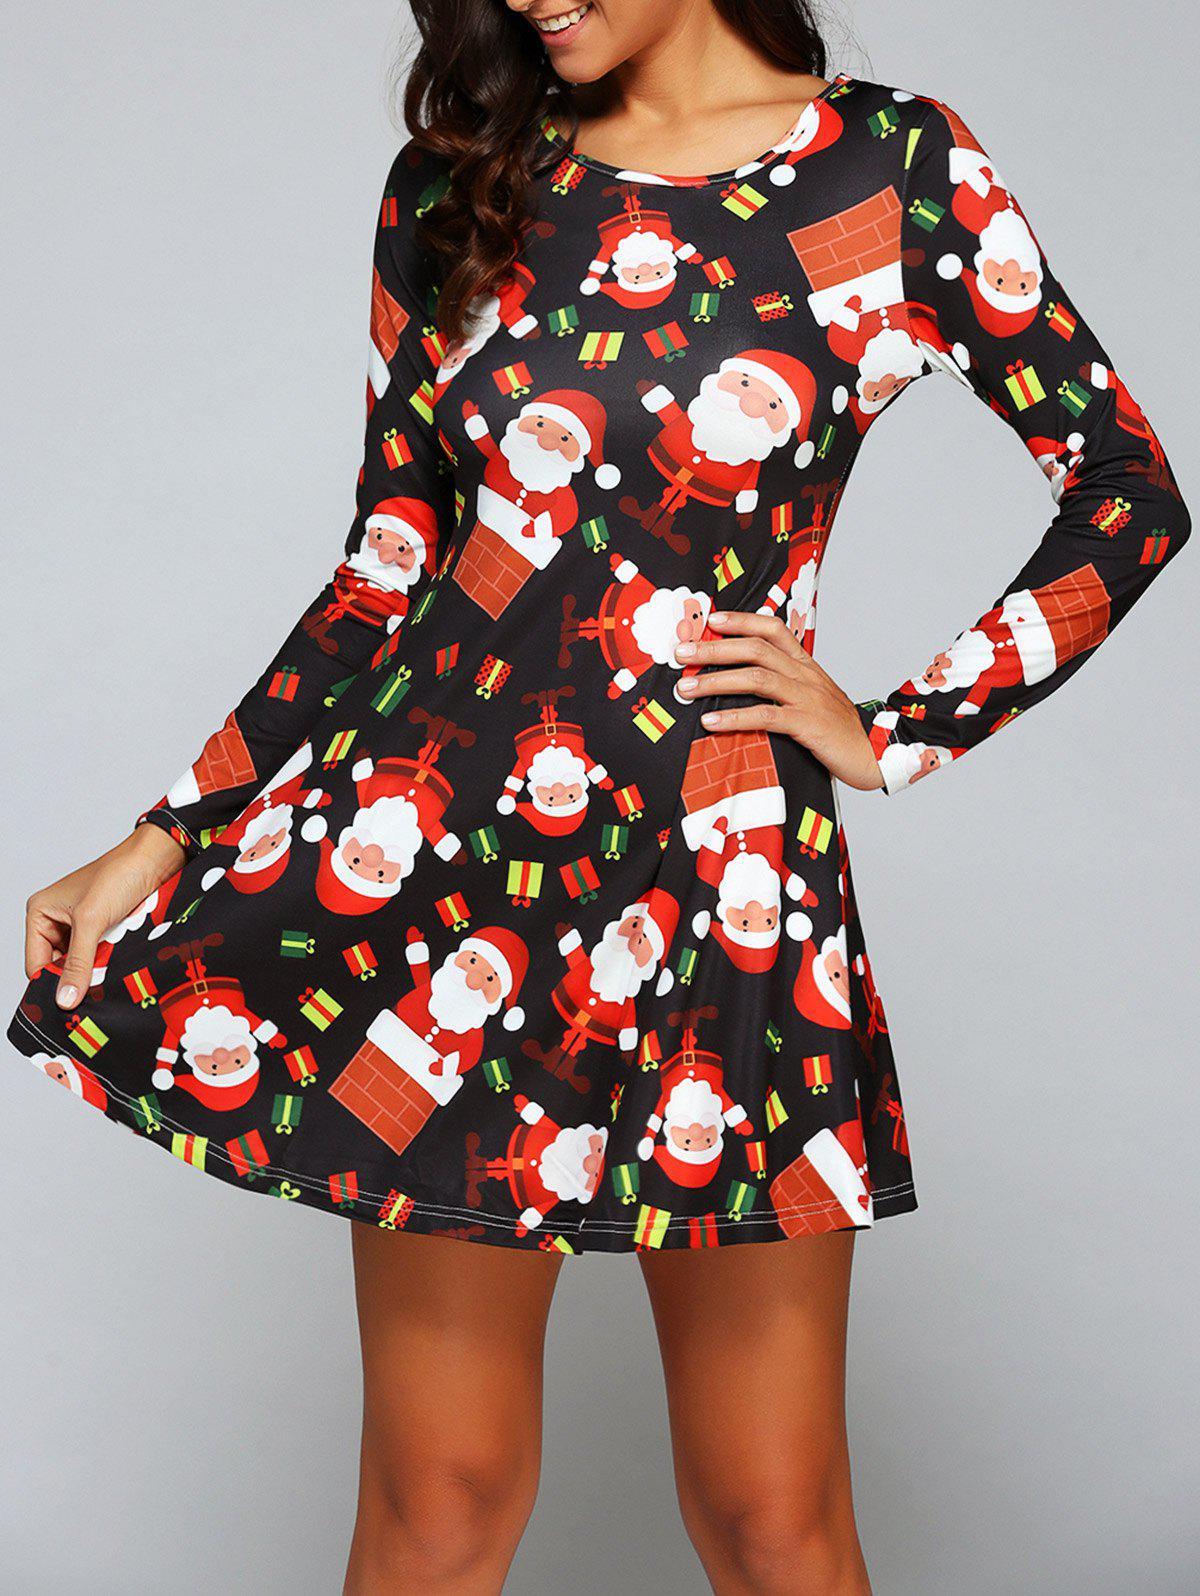 Christmas Gift Print Long Sleeve Dress 158696201